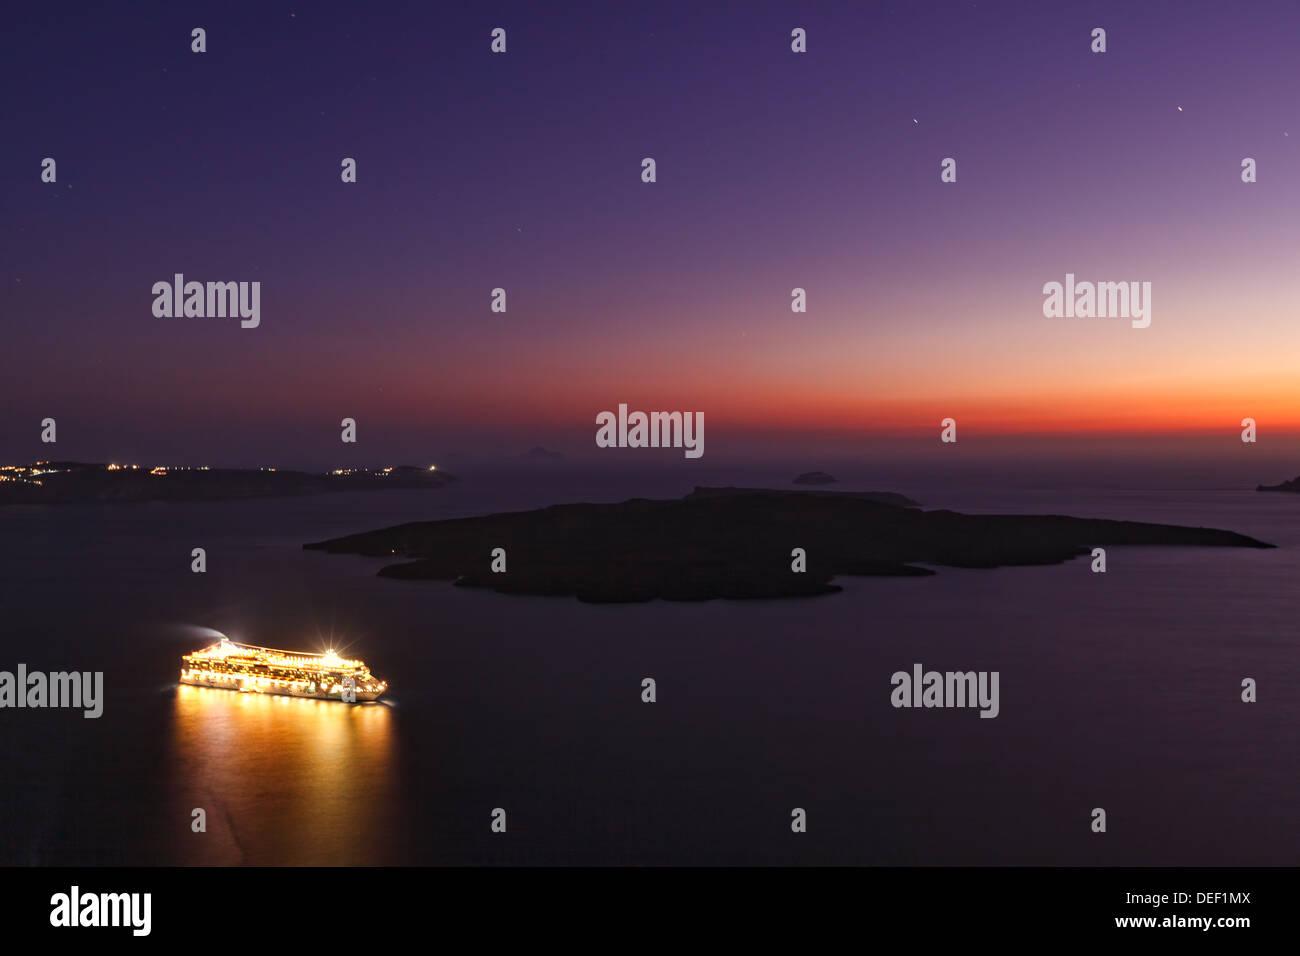 A ship doing a cruise in Santorini, Greece - Stock Image